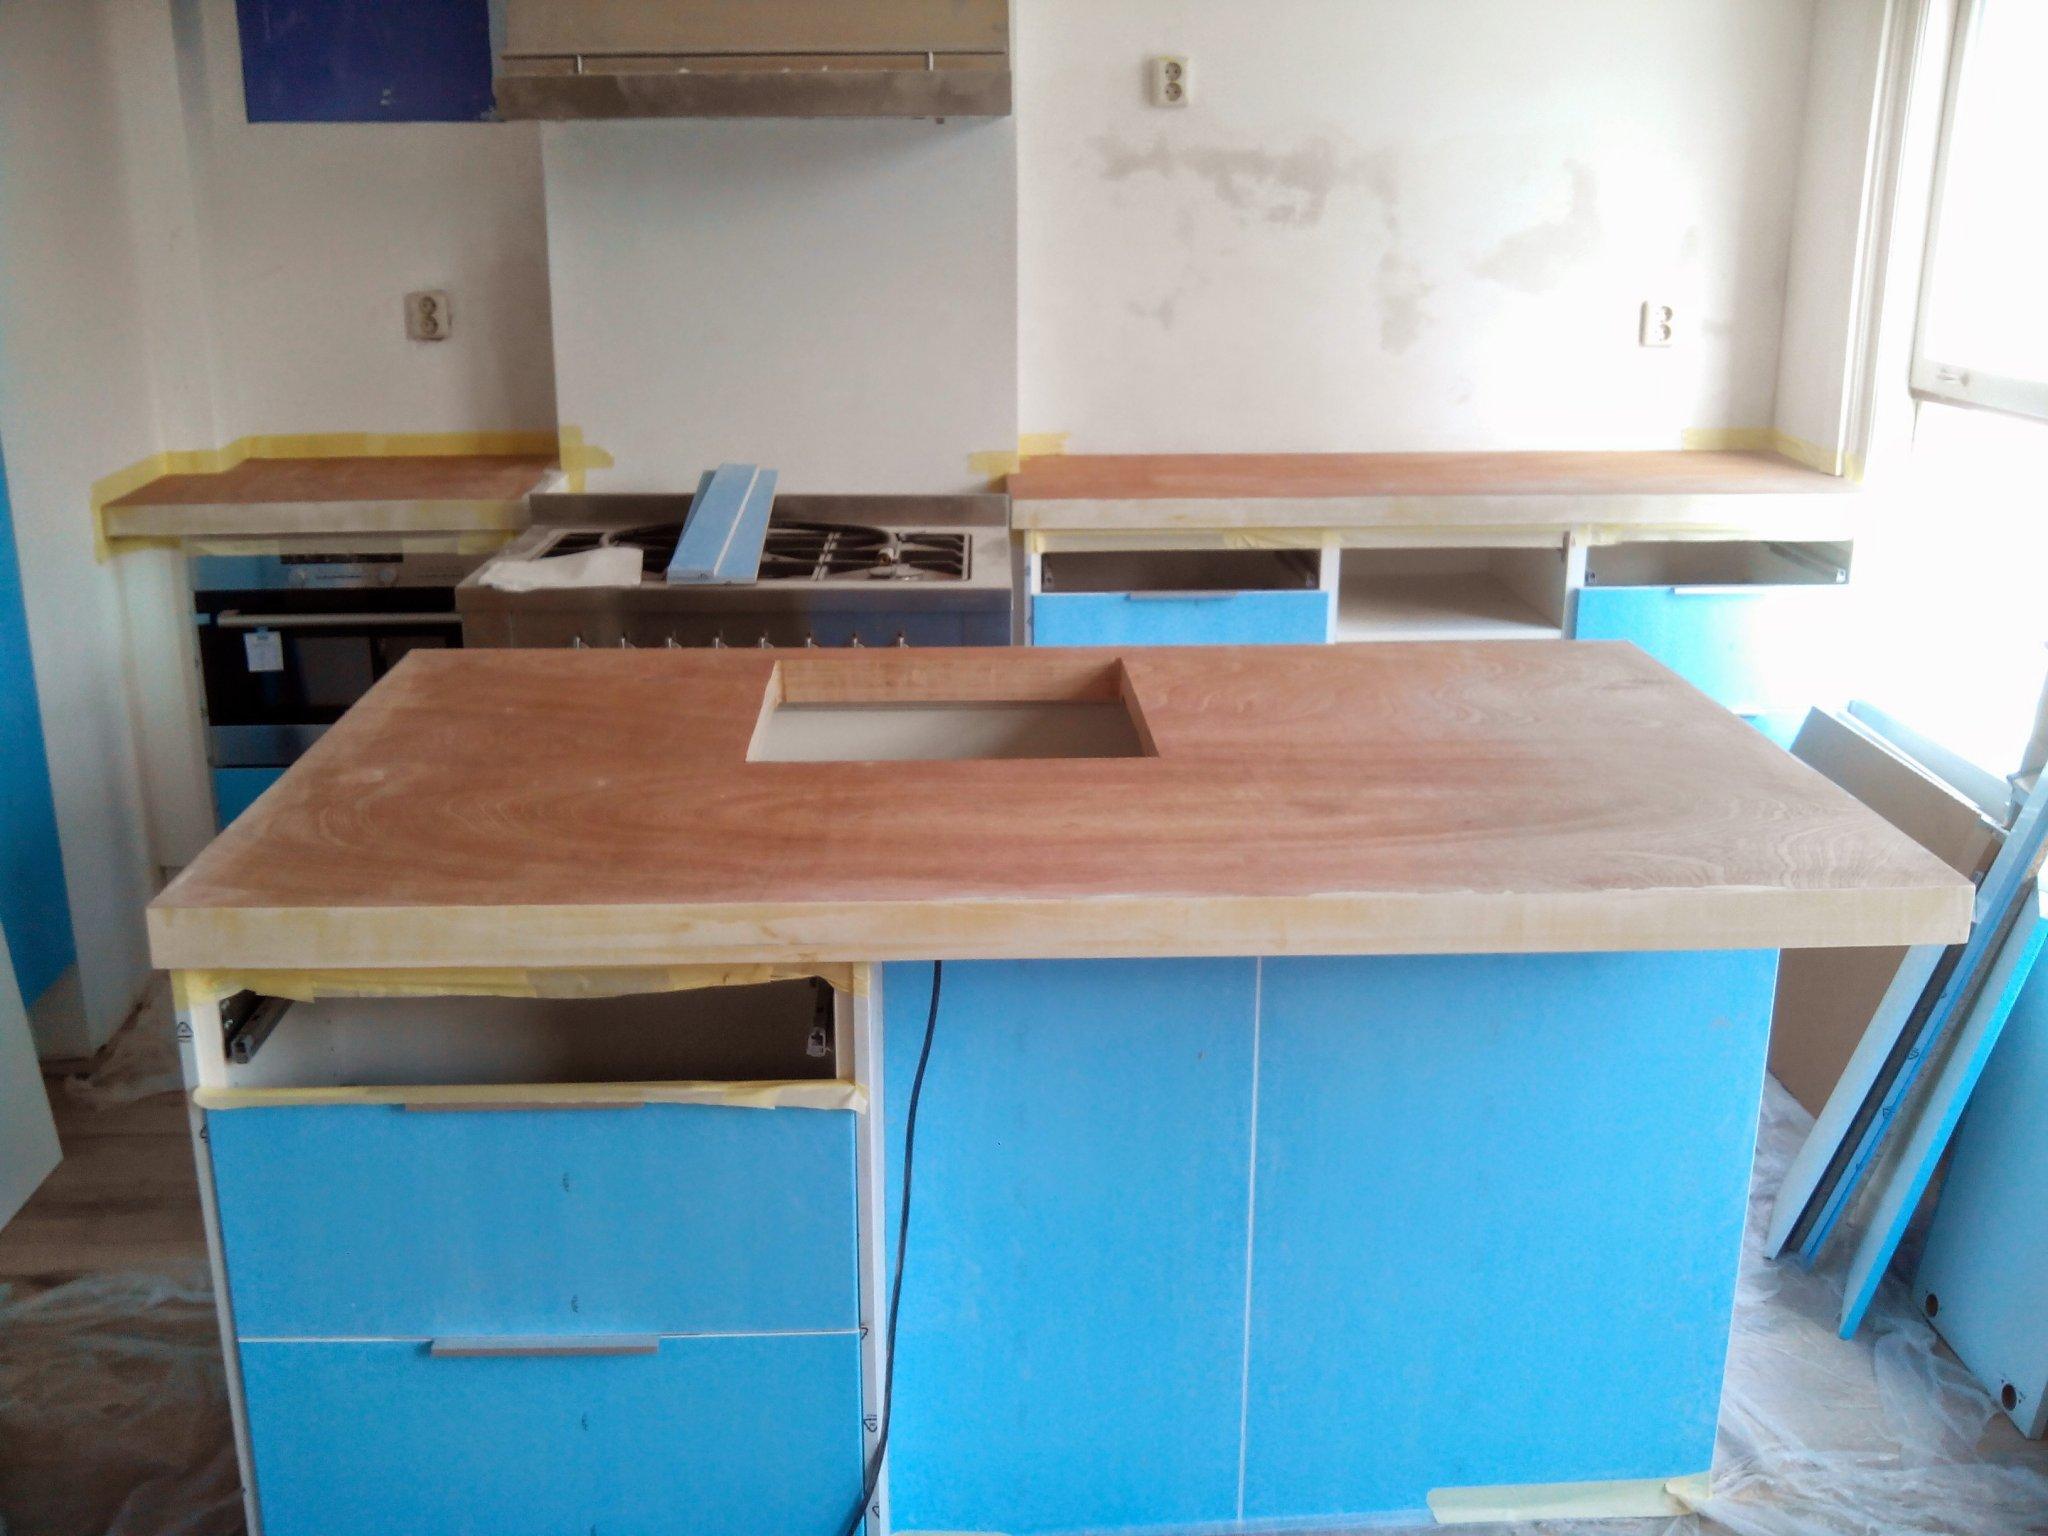 Keukenrenovatie Den Haag : Oud Hollands Diensten ? Keukenrenovatie Den Haag